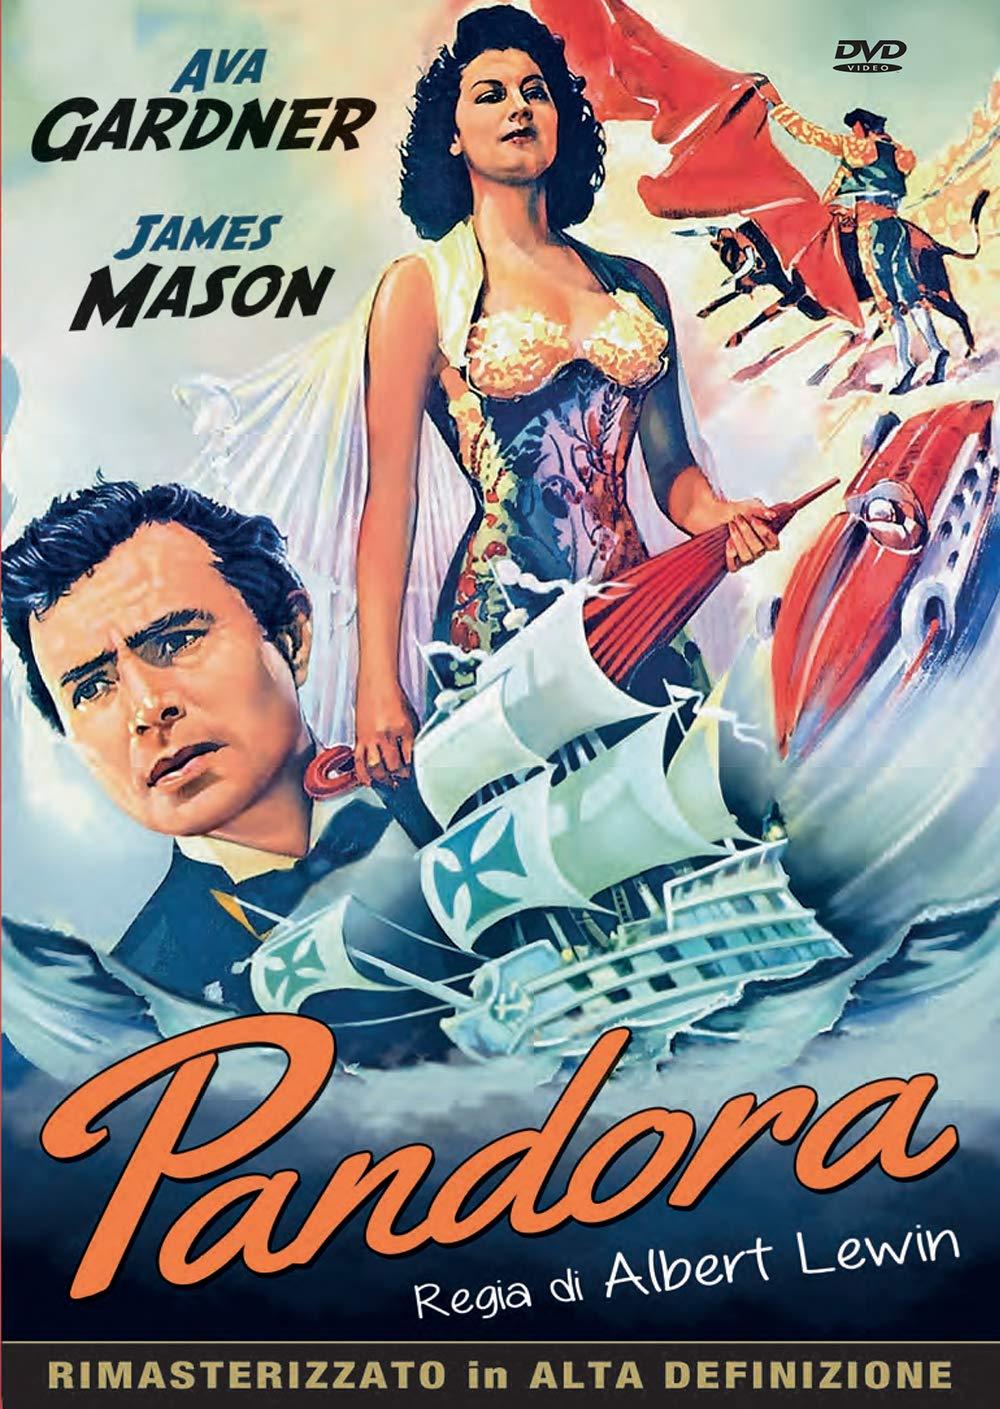 PANDORA (DVD)